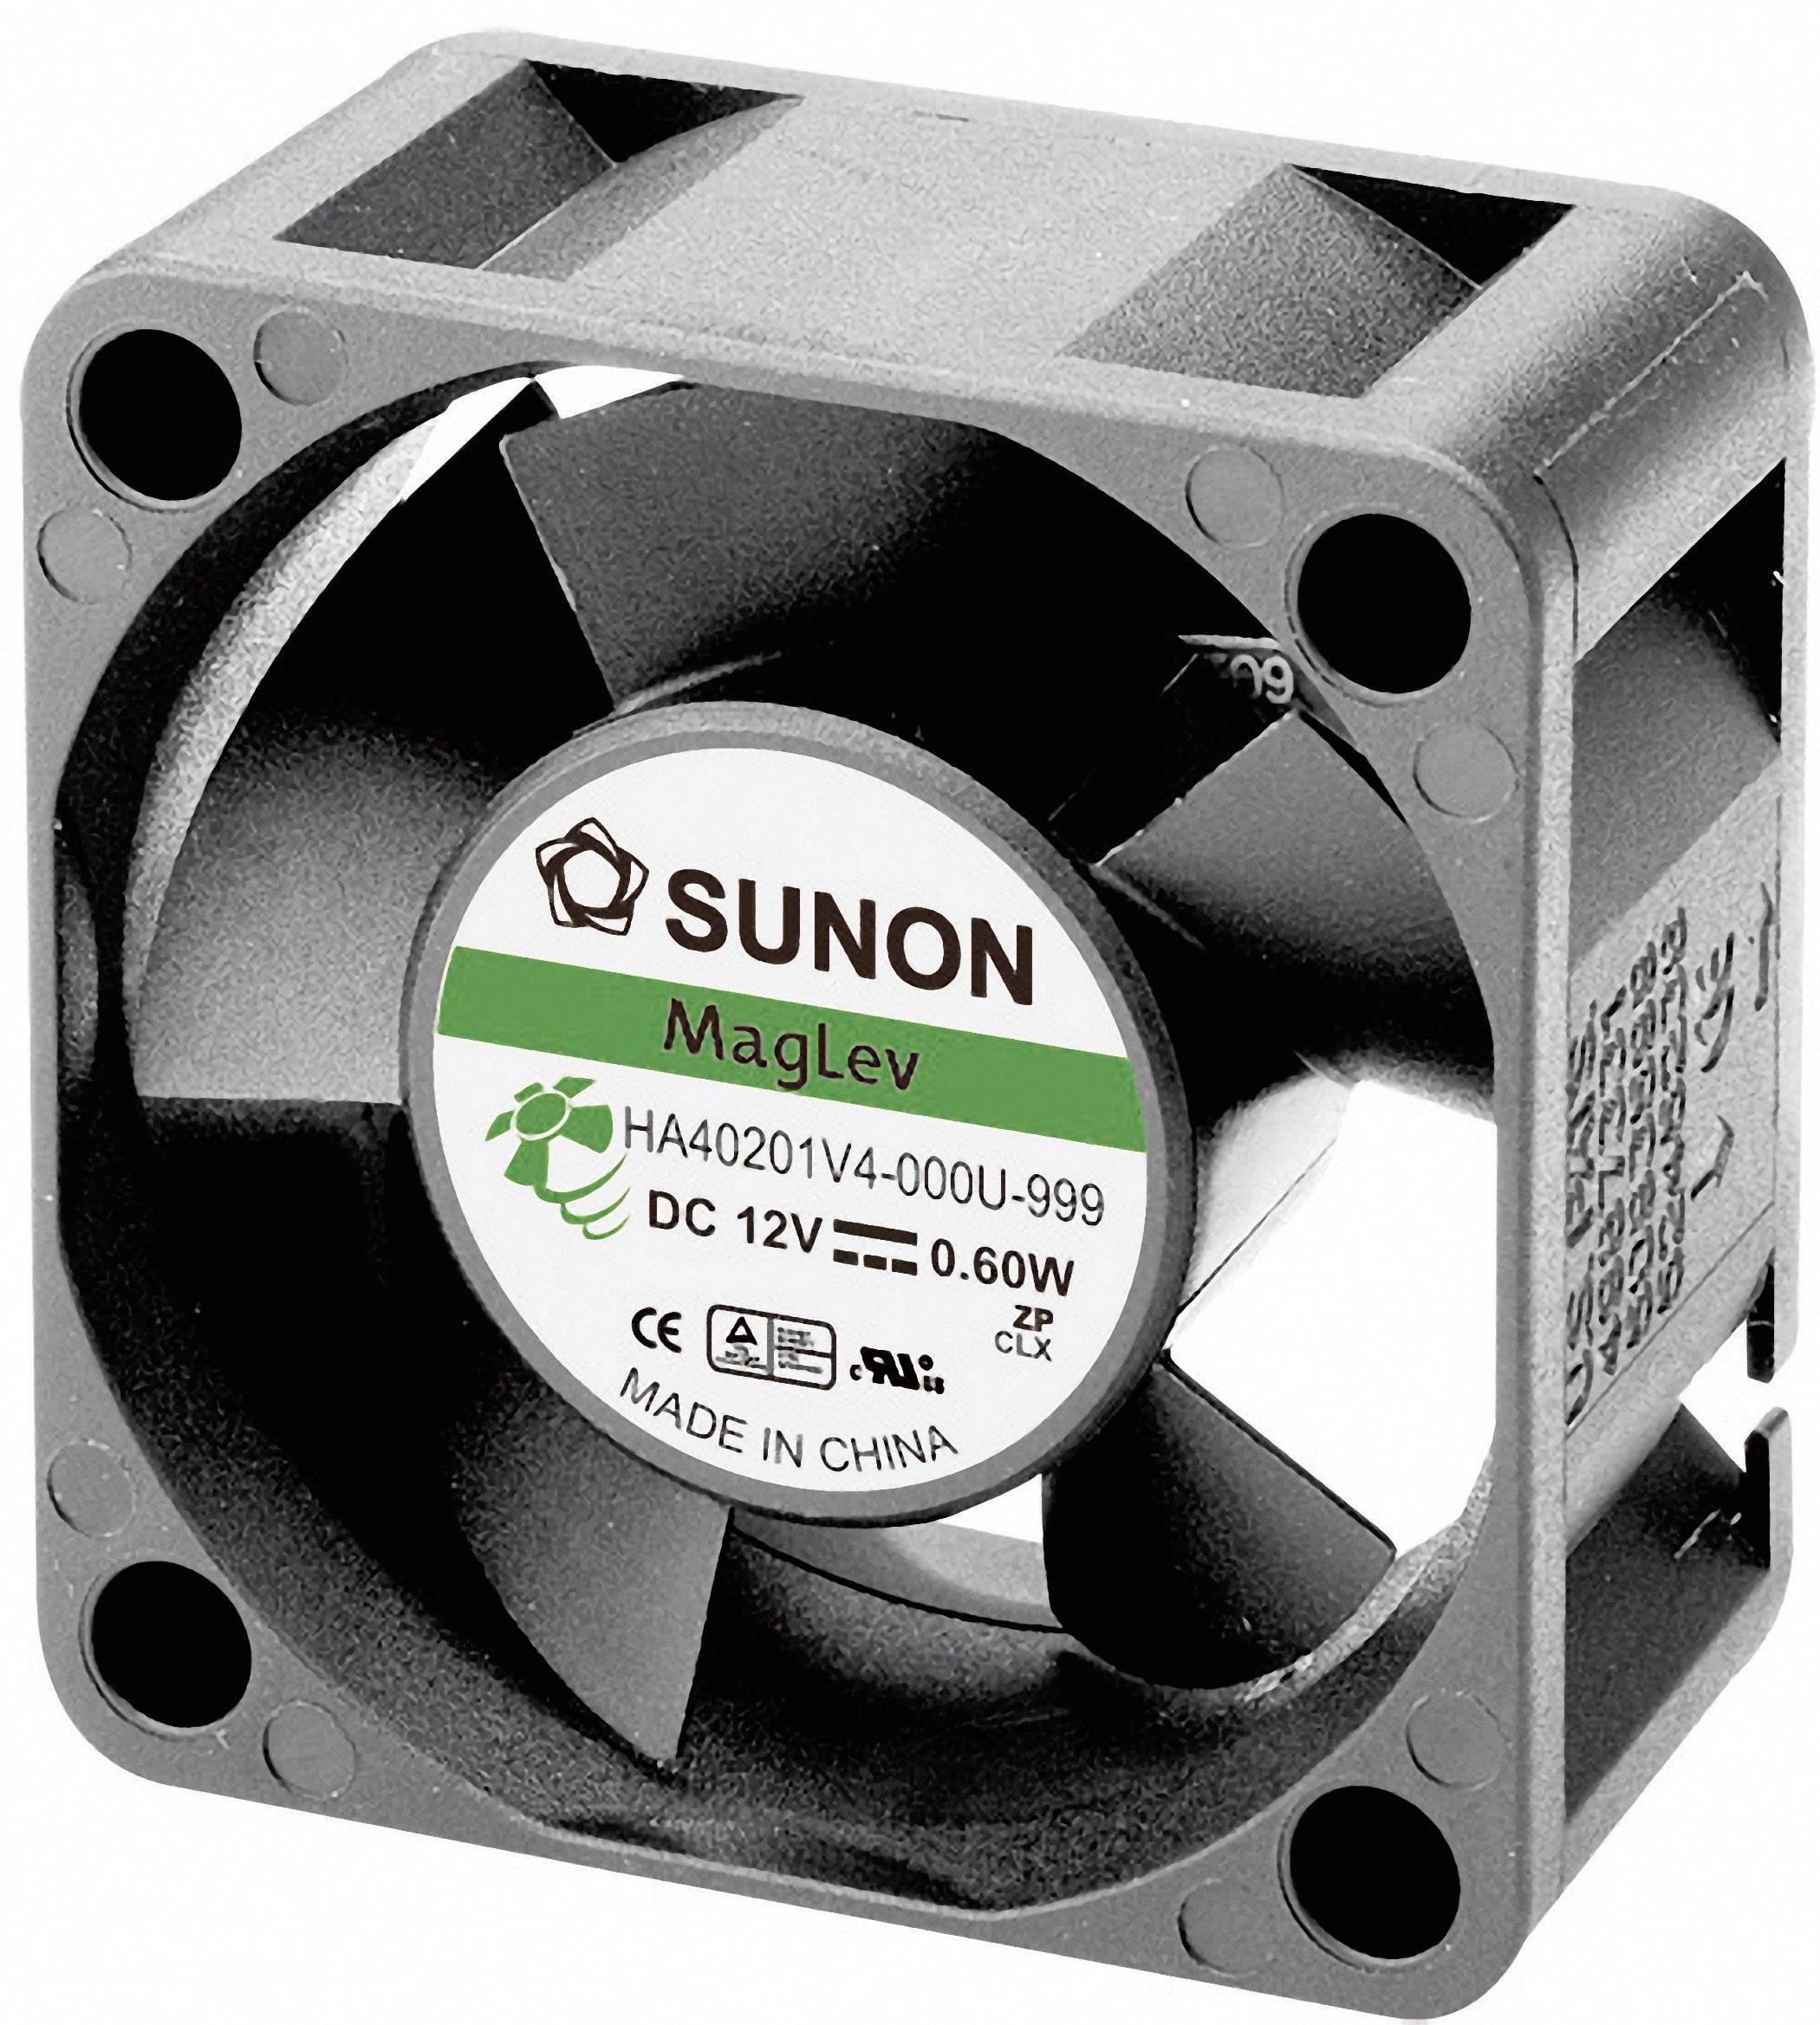 Ventilátor Sunon DR HA40101V4-0000-999, 40 x 40 x 10 mm, 12 V/DC